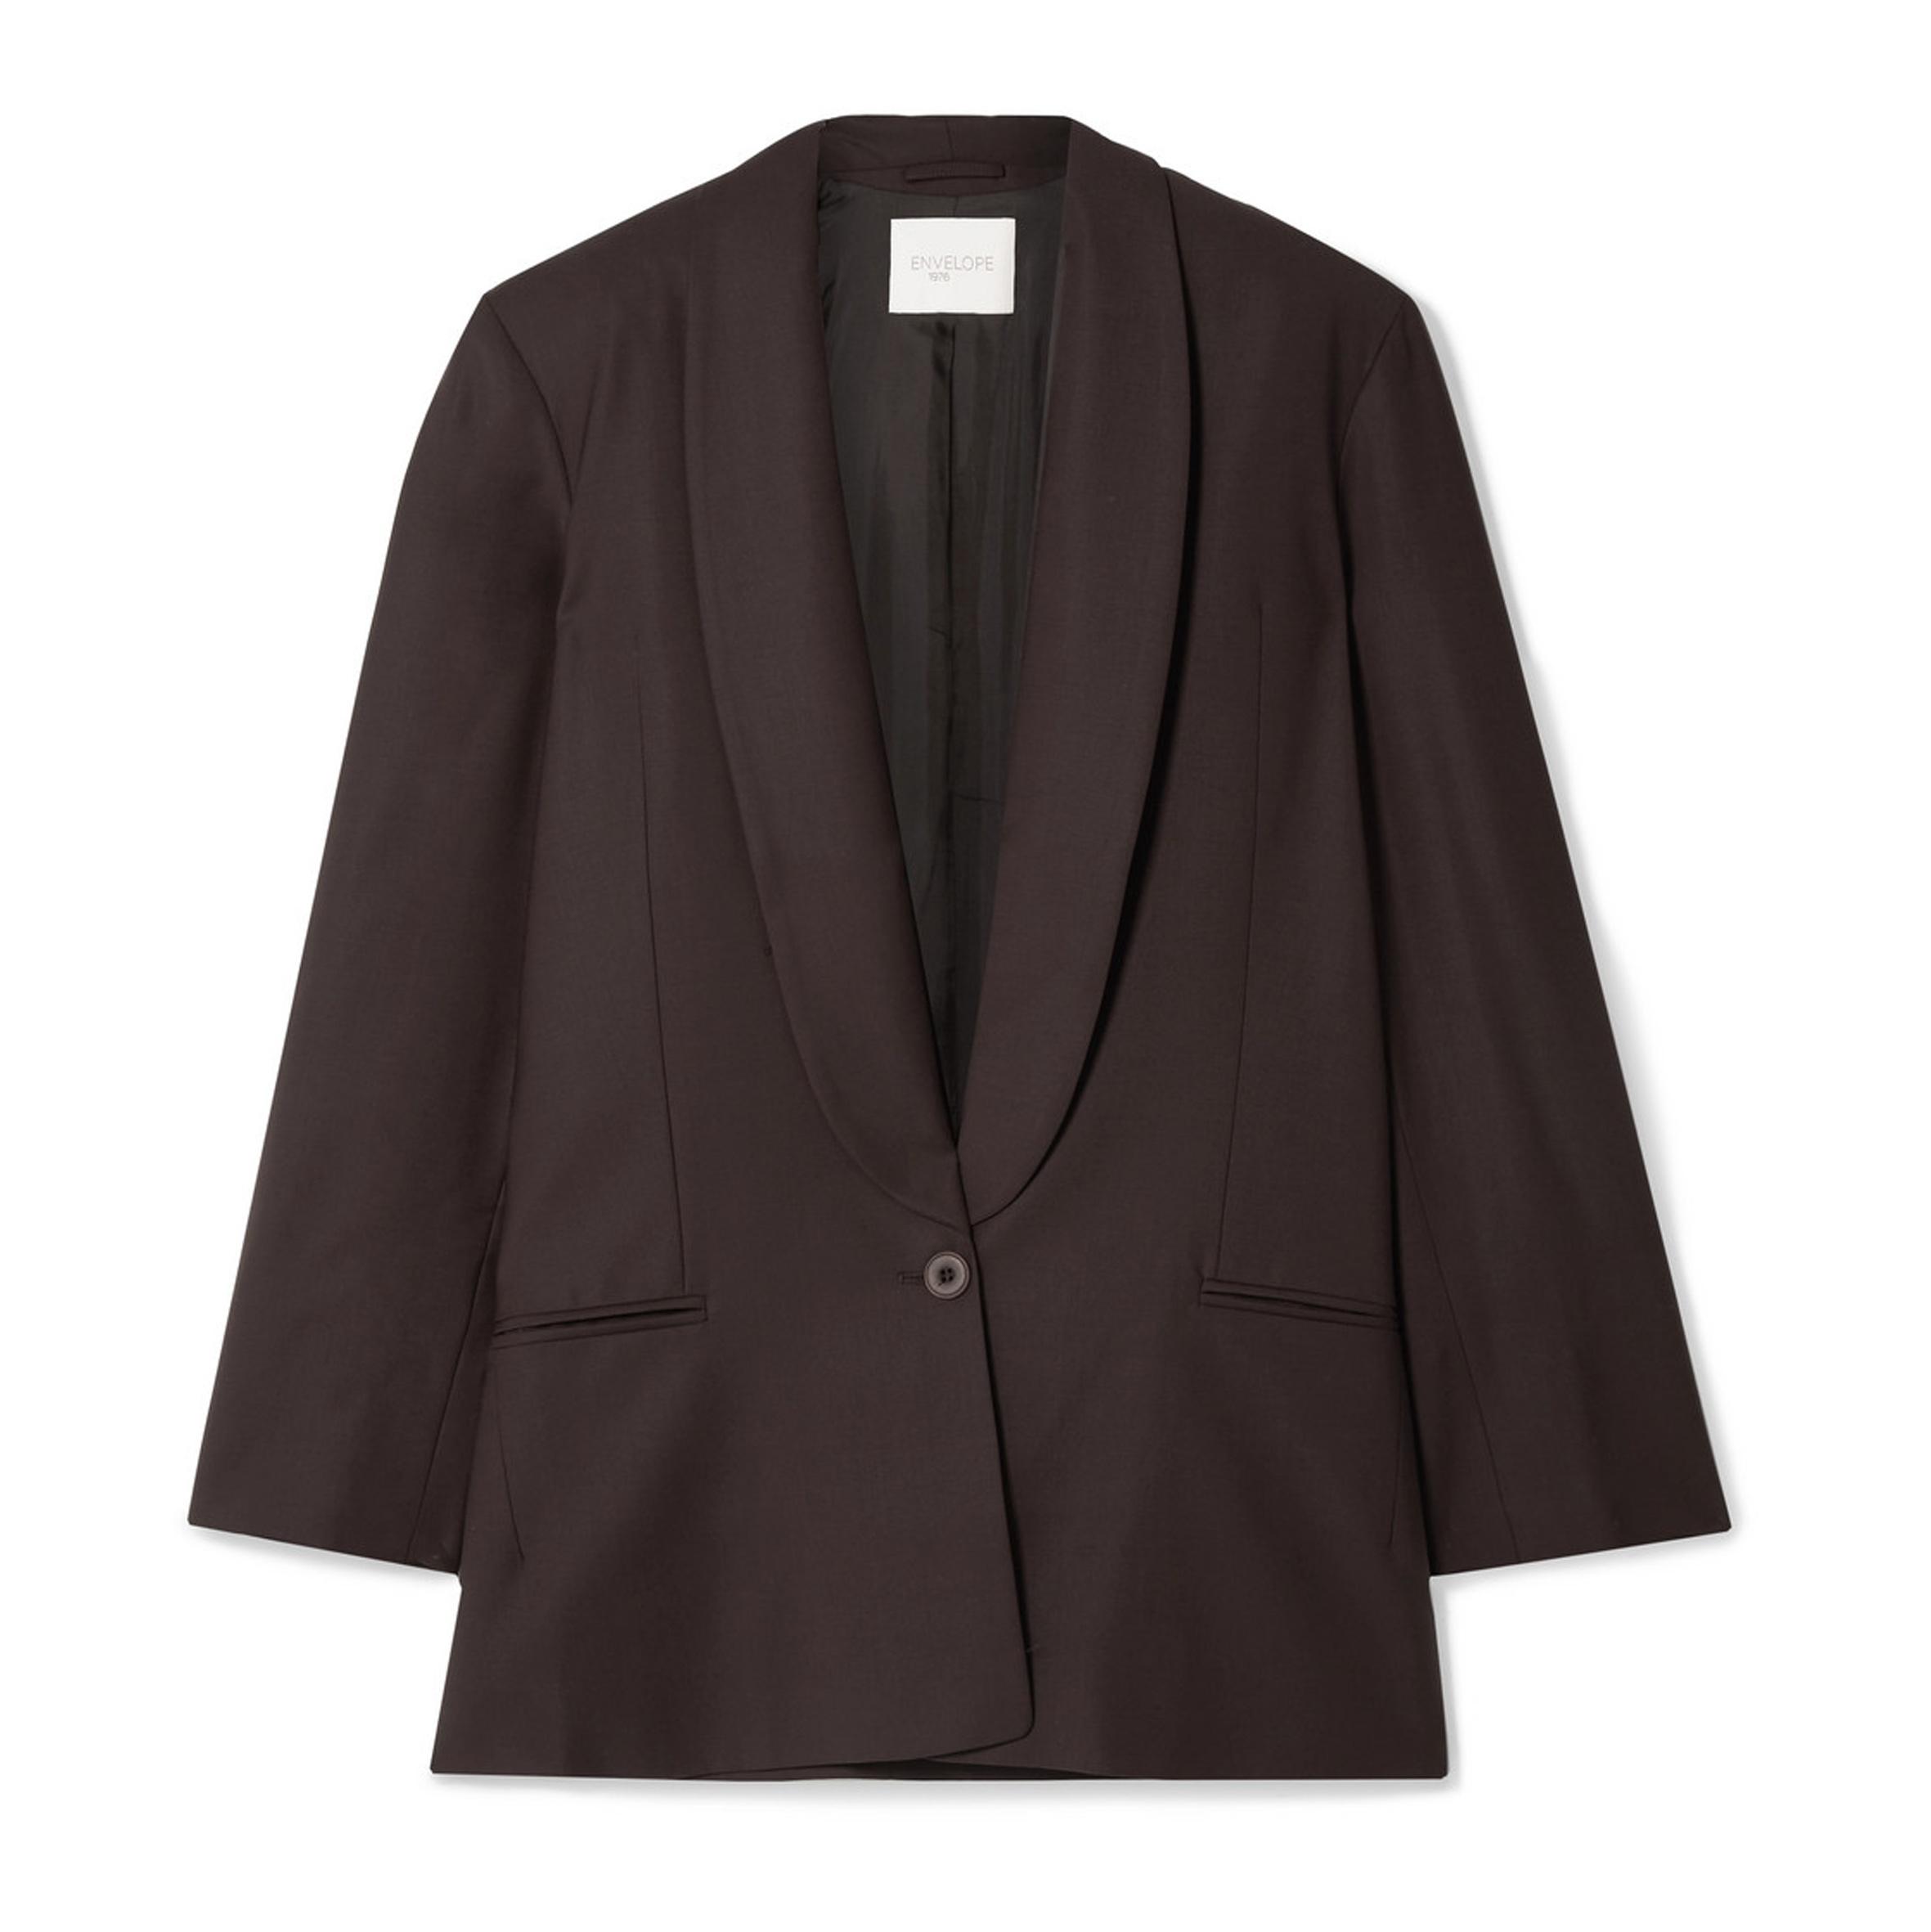 Envelope1976 - Bahamas oversized wool-crepe blazer | SGD 593